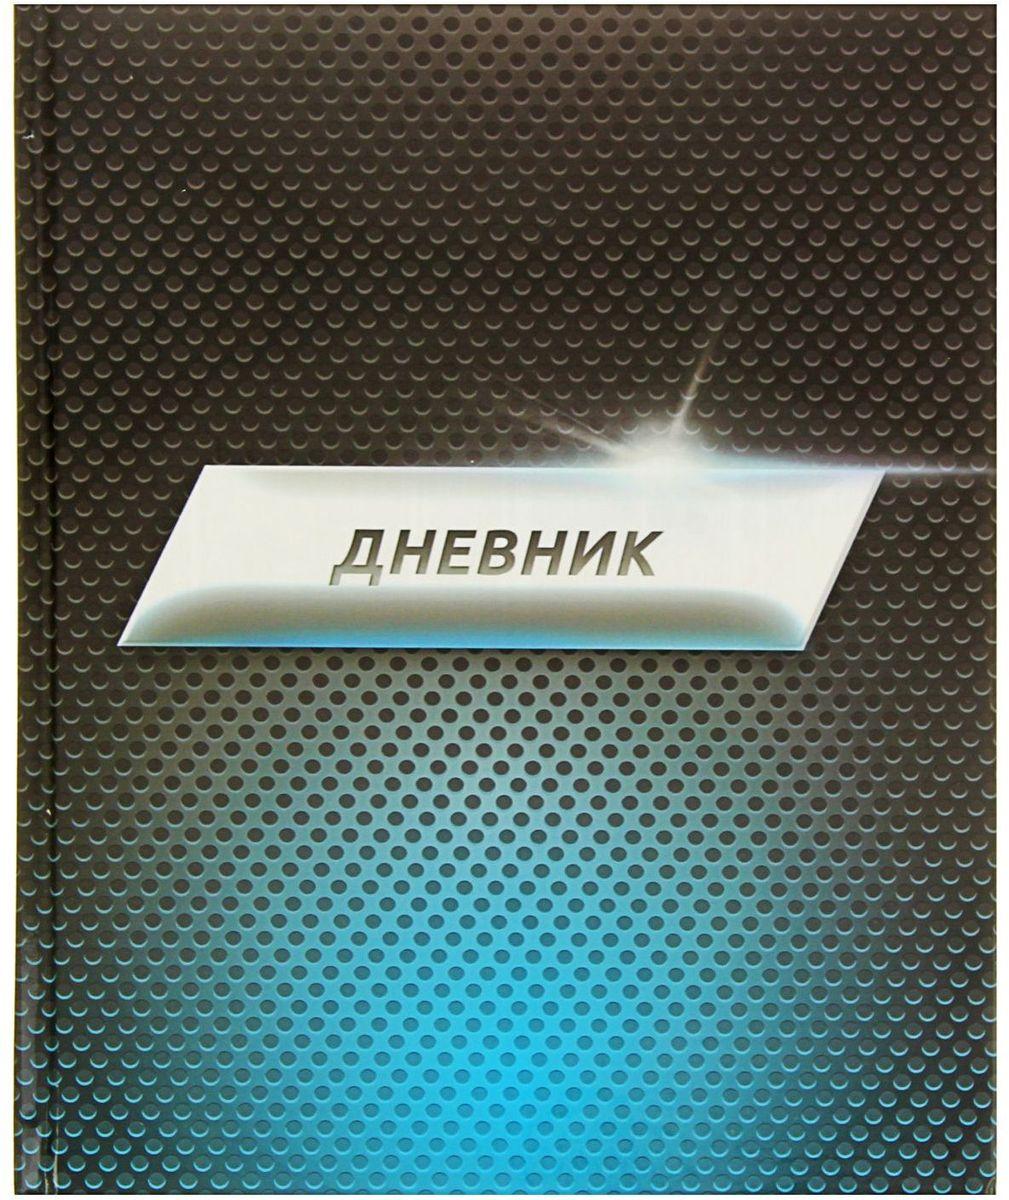 Calligrata Дневник школьный Карбон для 5-11 классов спейс дневник школьный россия коллаж для 5 11 классов